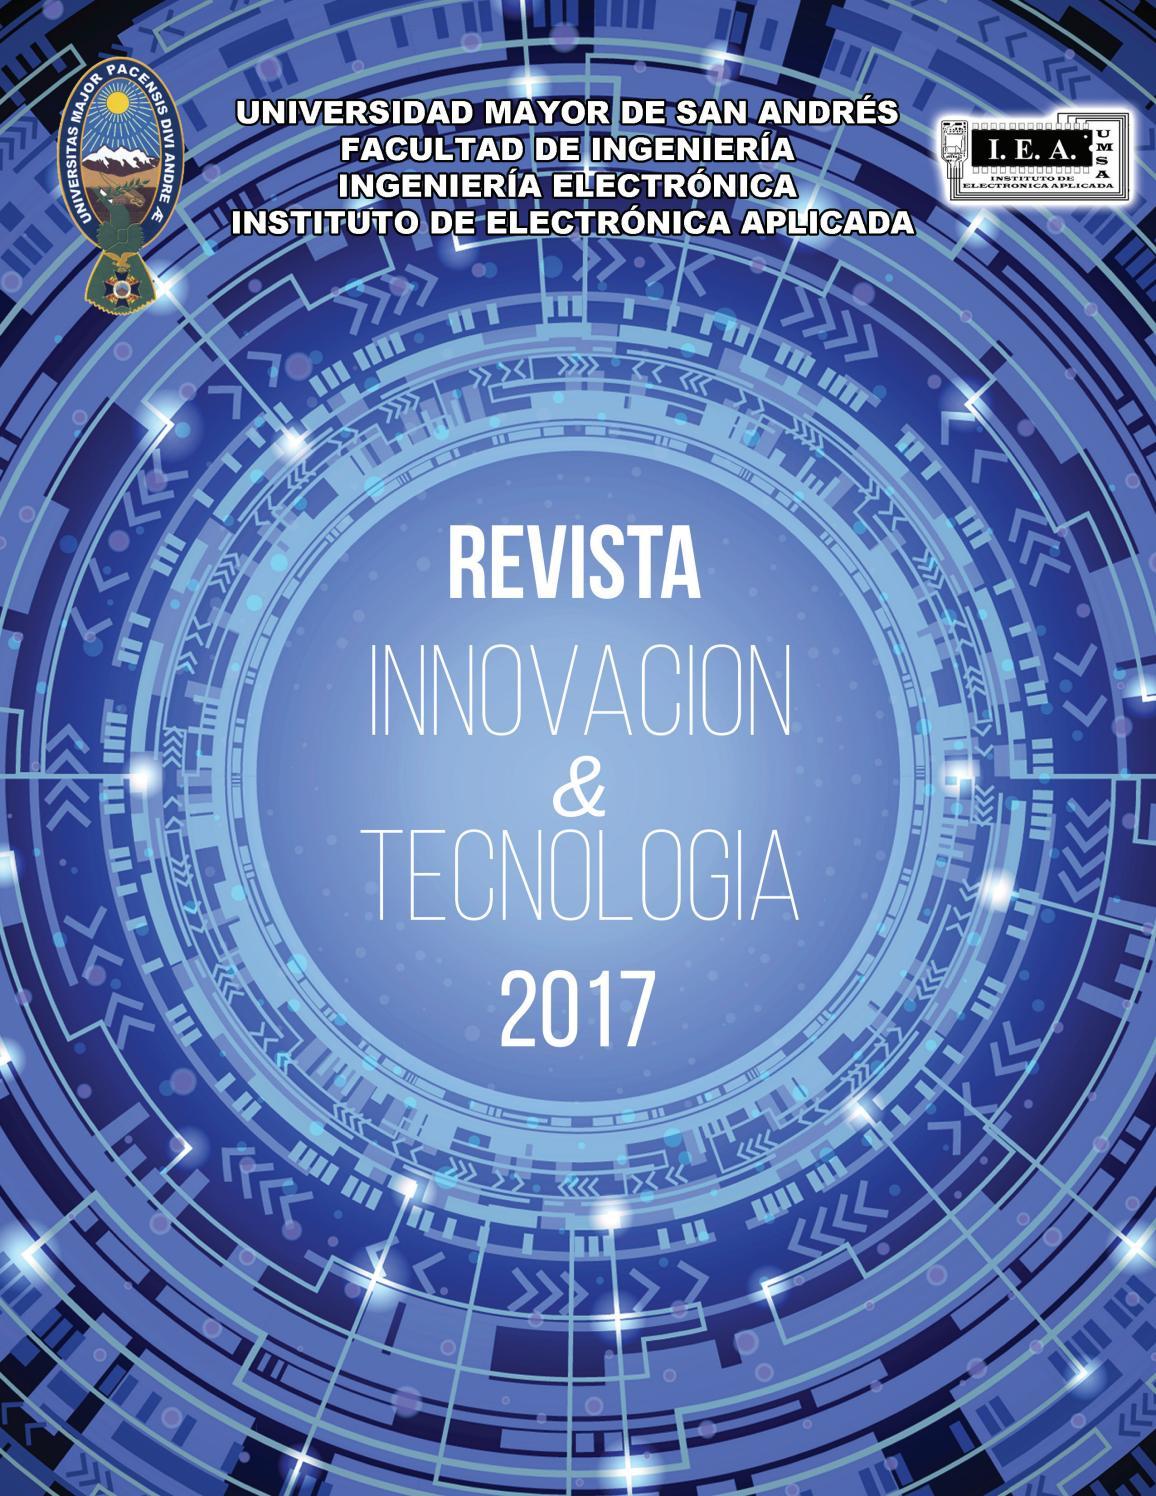 Revista 2017 by IEA UMSA - issuu